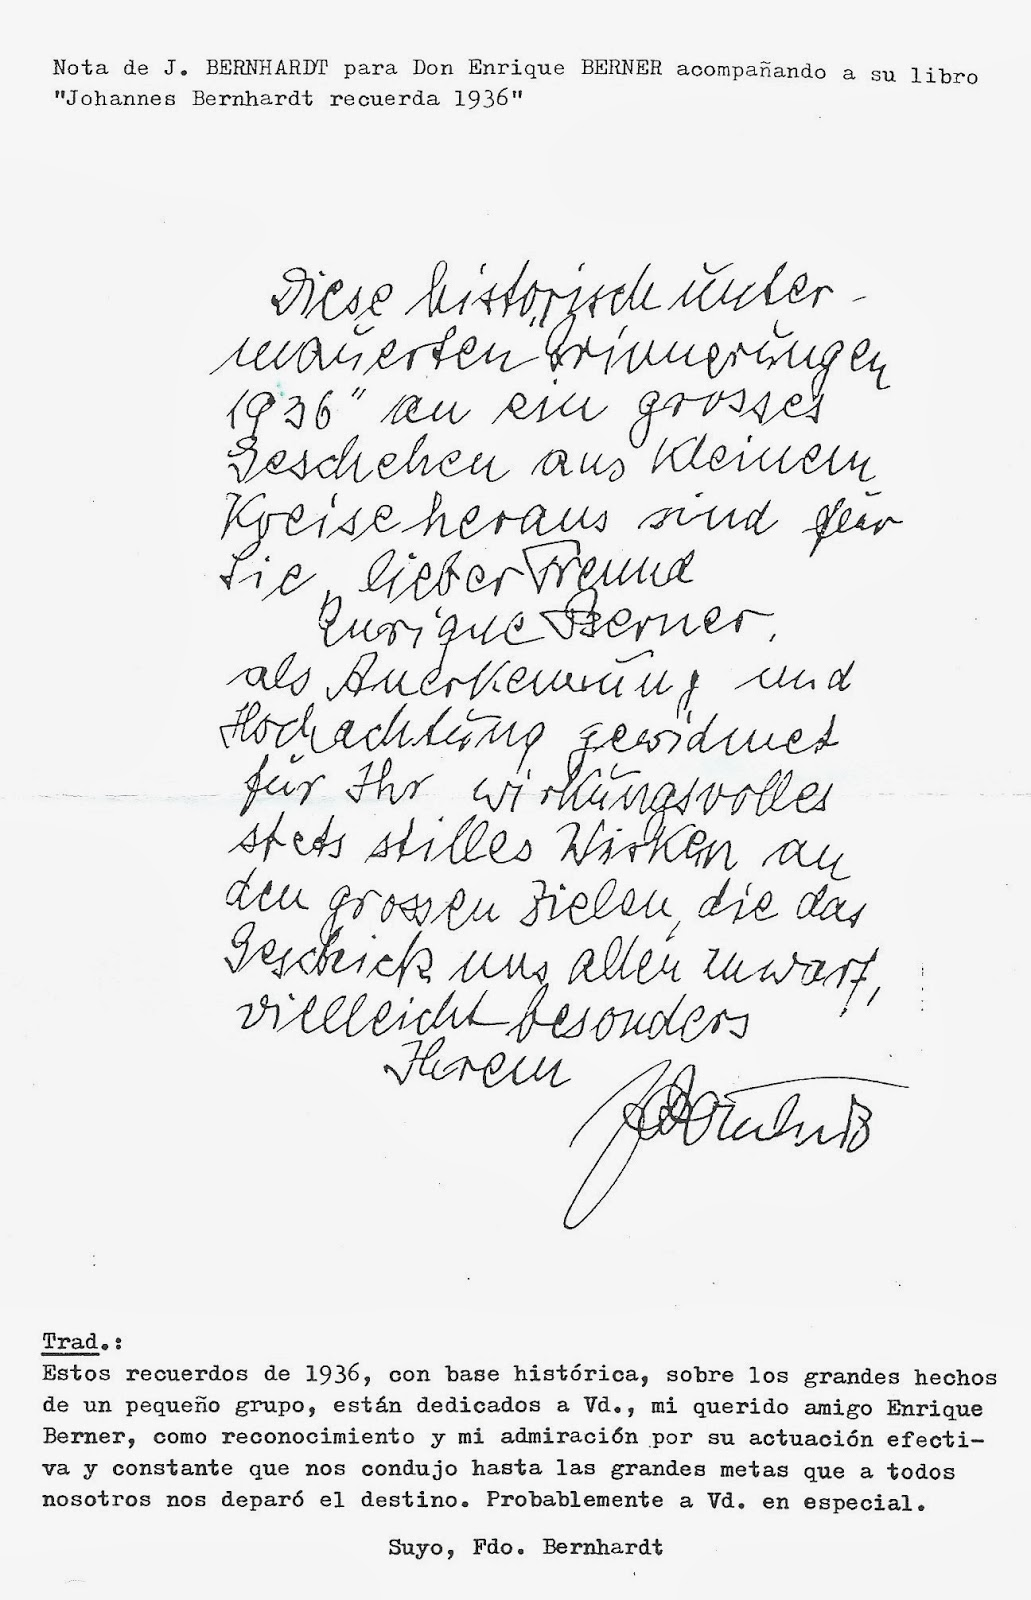 """Dedicatoria de Bernhardt a Berner en su libro """"Johannes Bernhardt recuerda 1936"""". Fuente: http://joseantoniobru.blogspot.com.es/"""